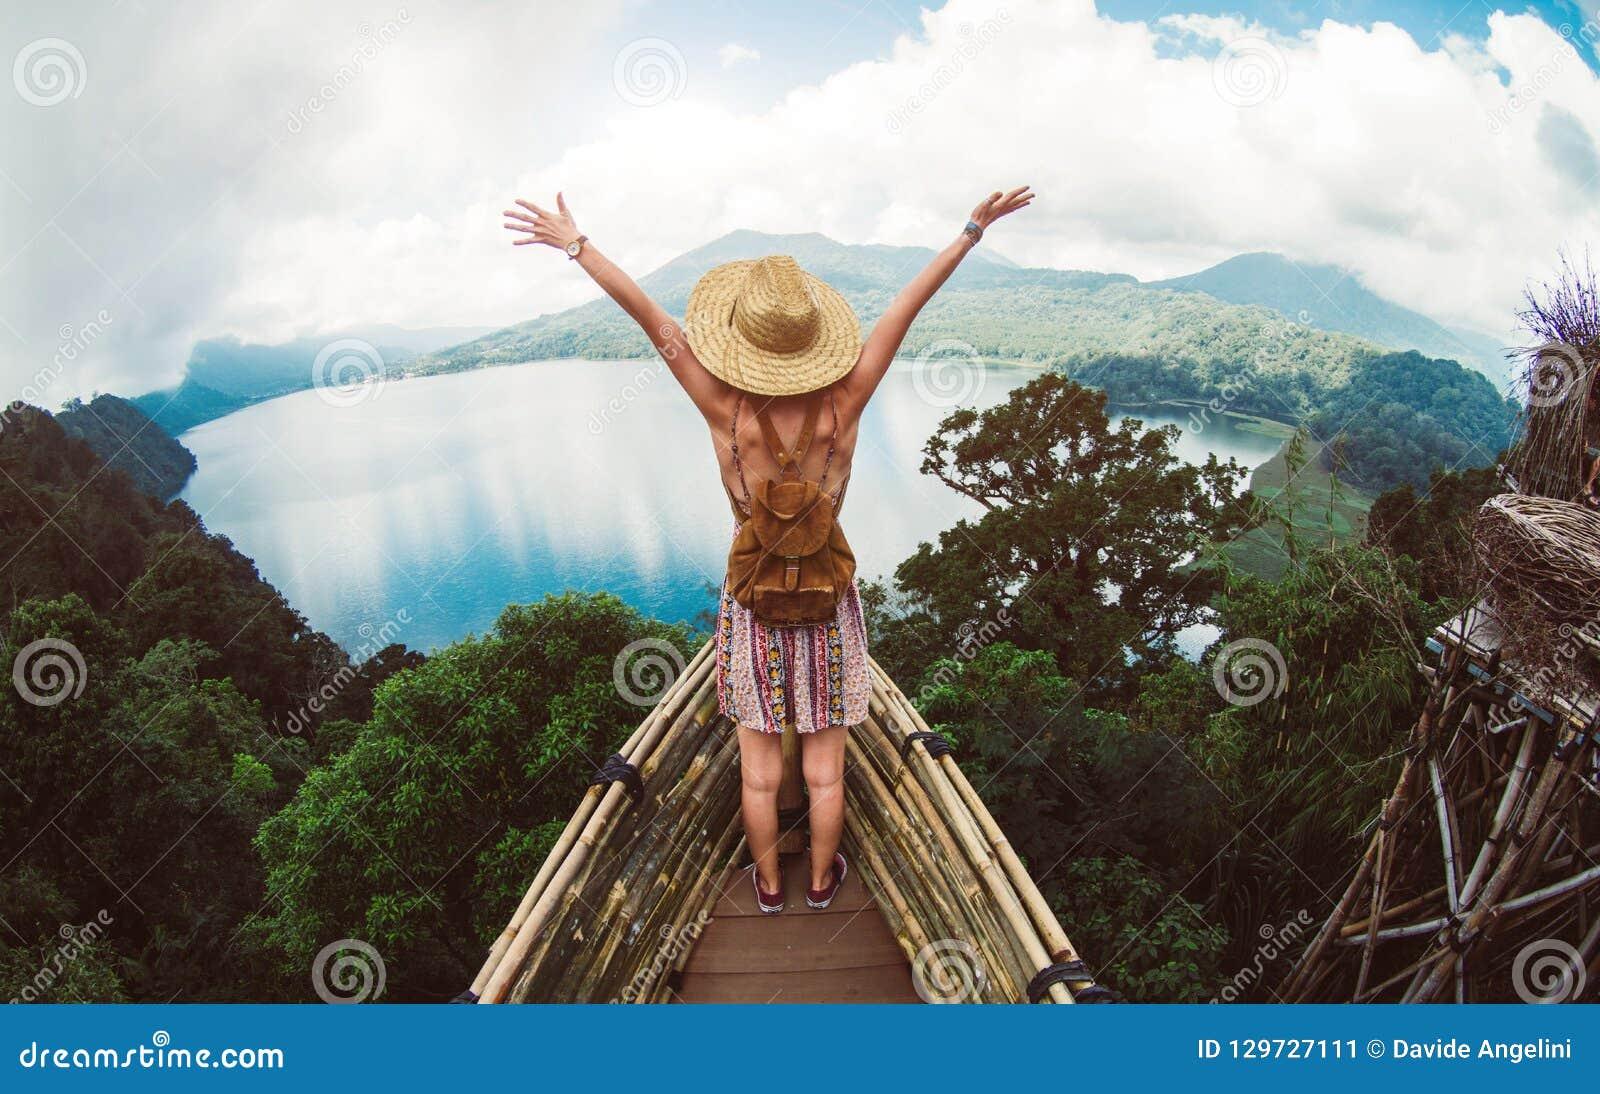 Frau, die frei die Welt reisend glaubt